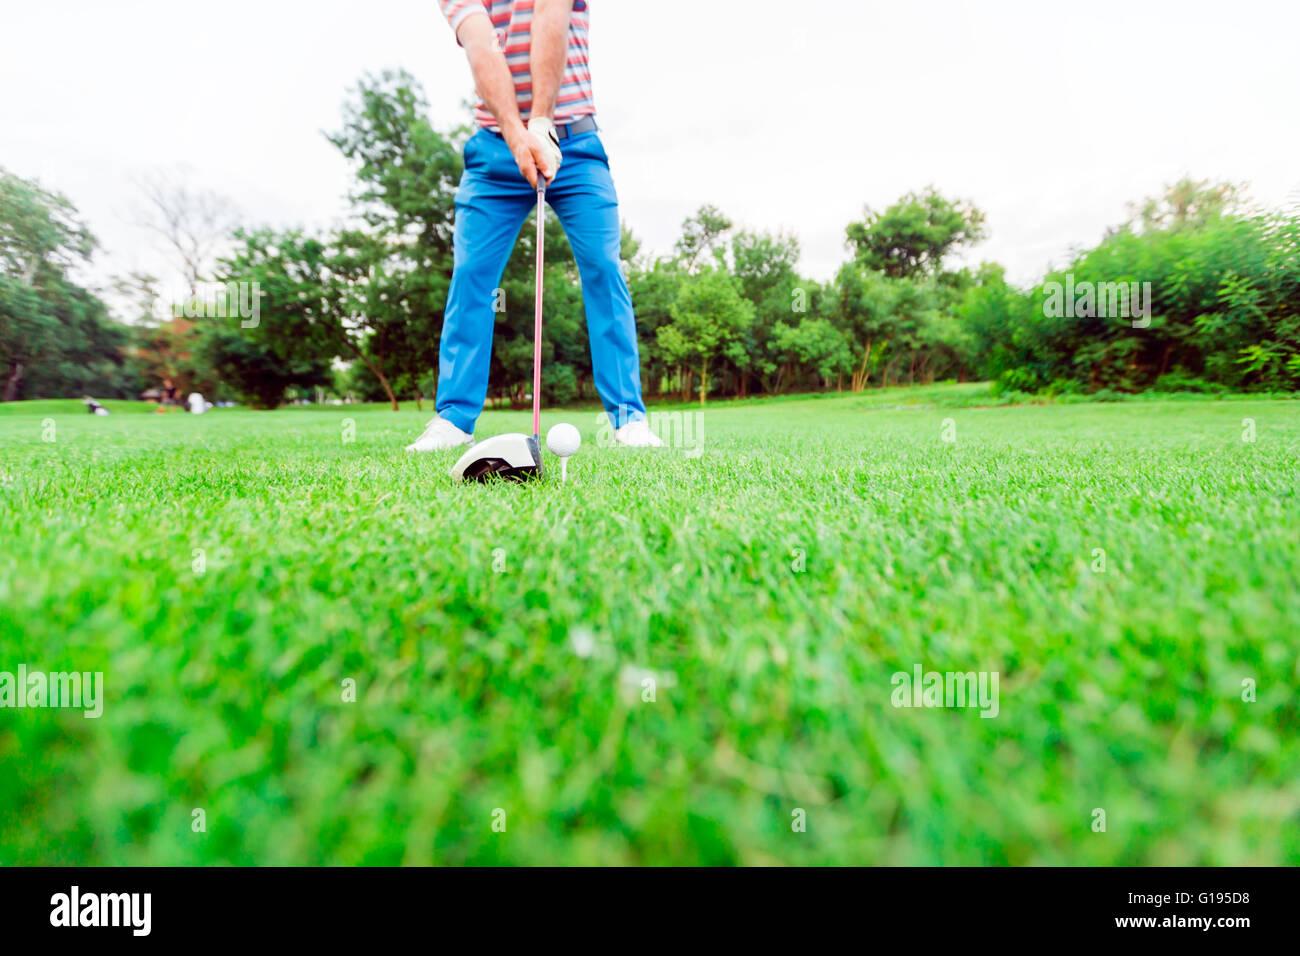 Golfeur s'apprête à prendre un coup. Photo grand angle Photo Stock